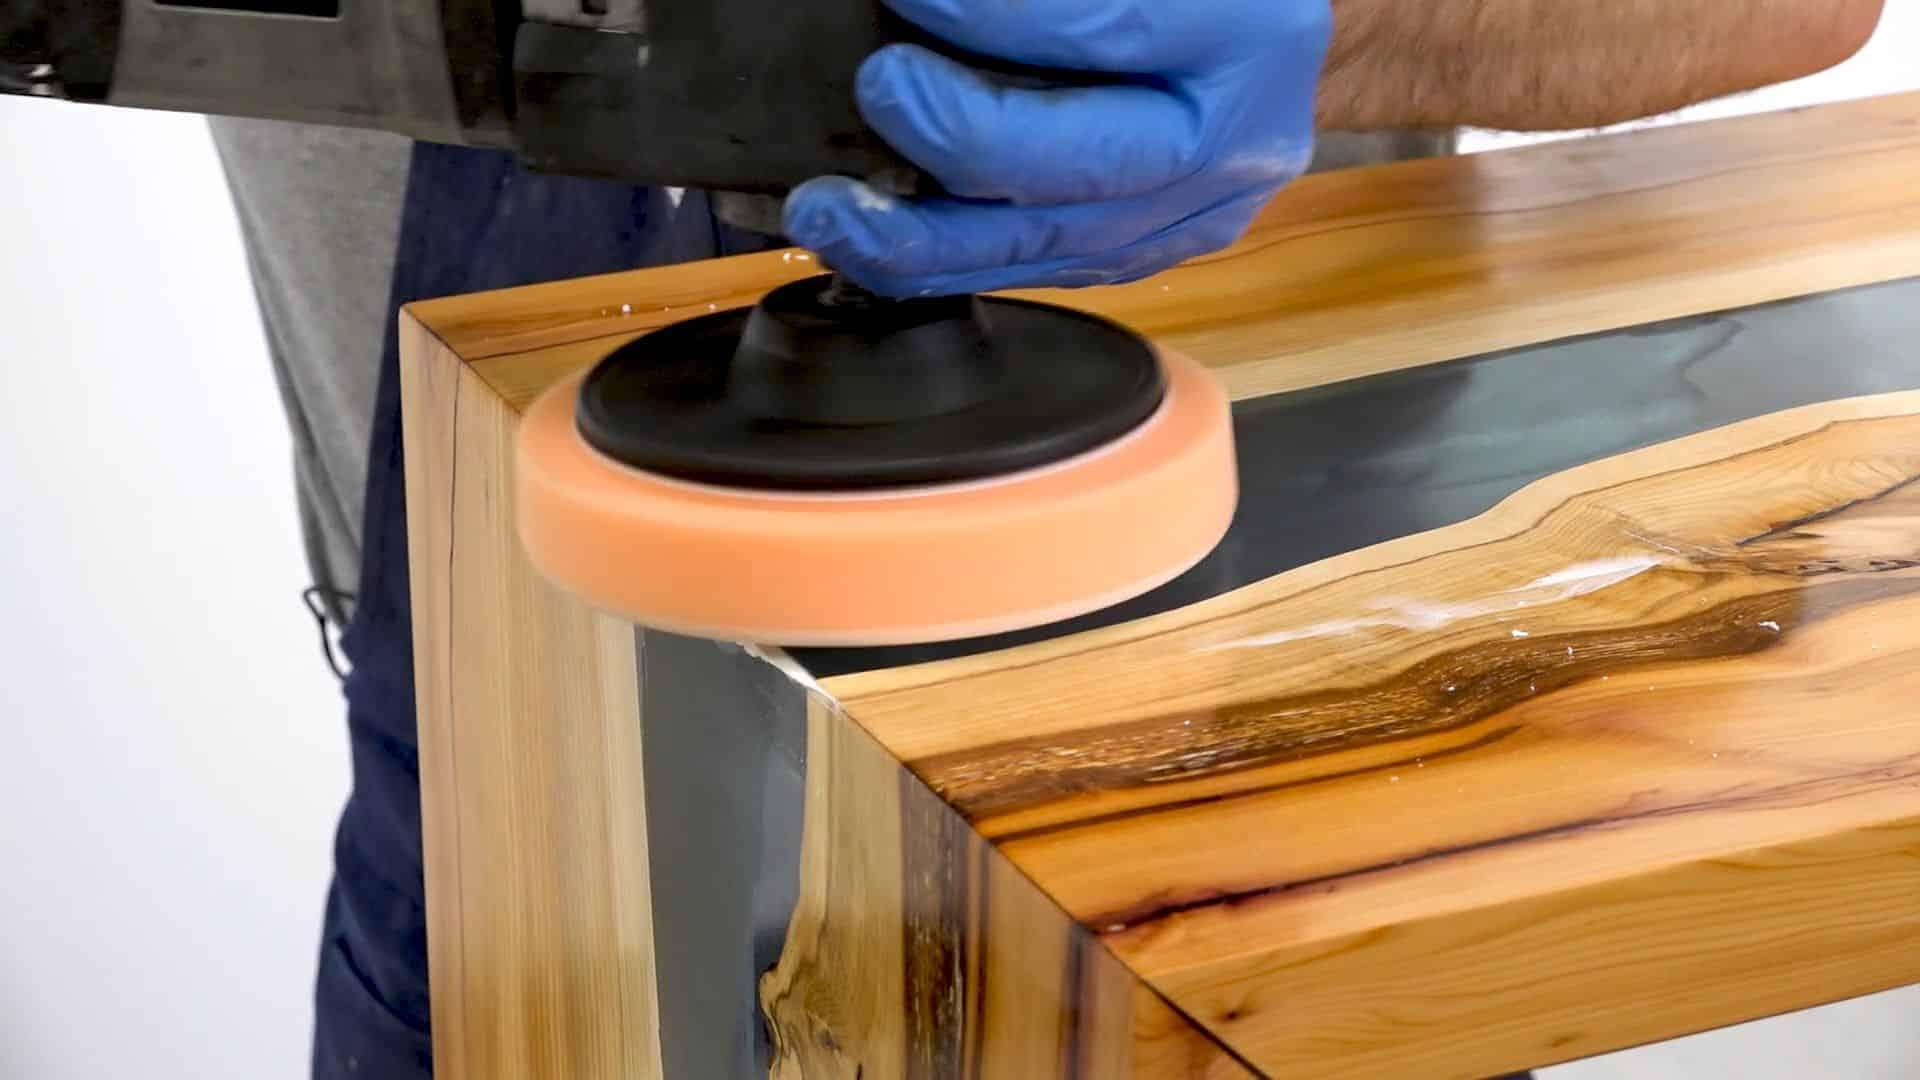 Come lucidare la resina e legno con abrasivi - Dalla realizzazione del manufatto alla lucidatura!